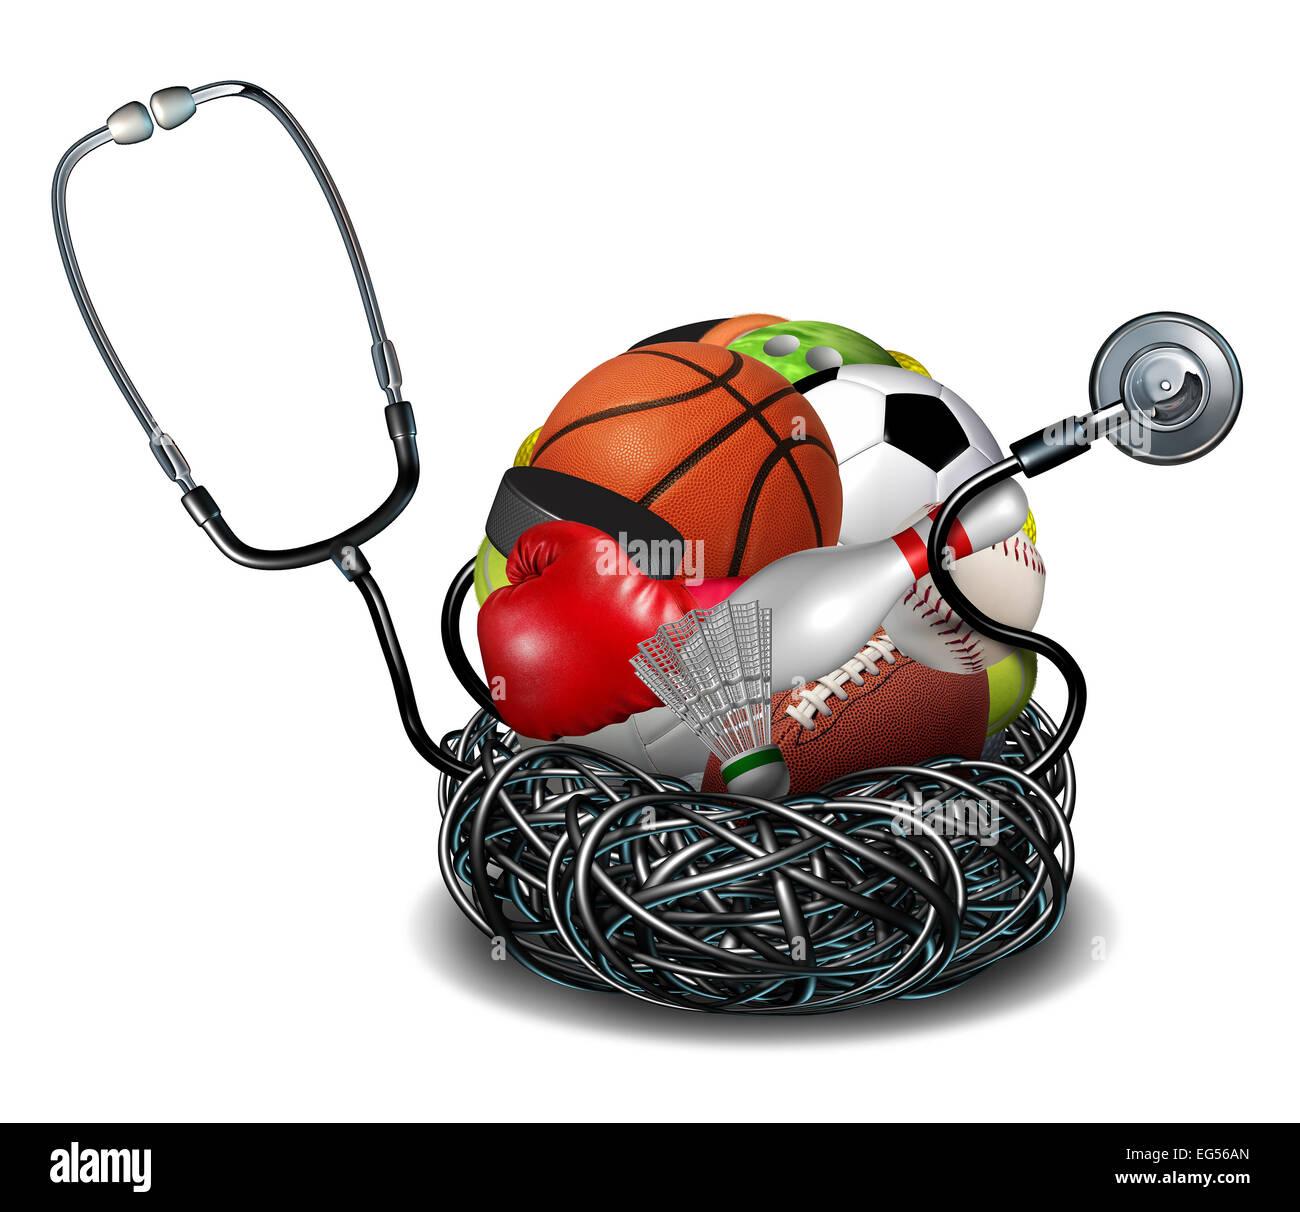 Concepto de medicina deportiva de atletismo y símbolo de atención médica como médico estetoscopio Imagen De Stock